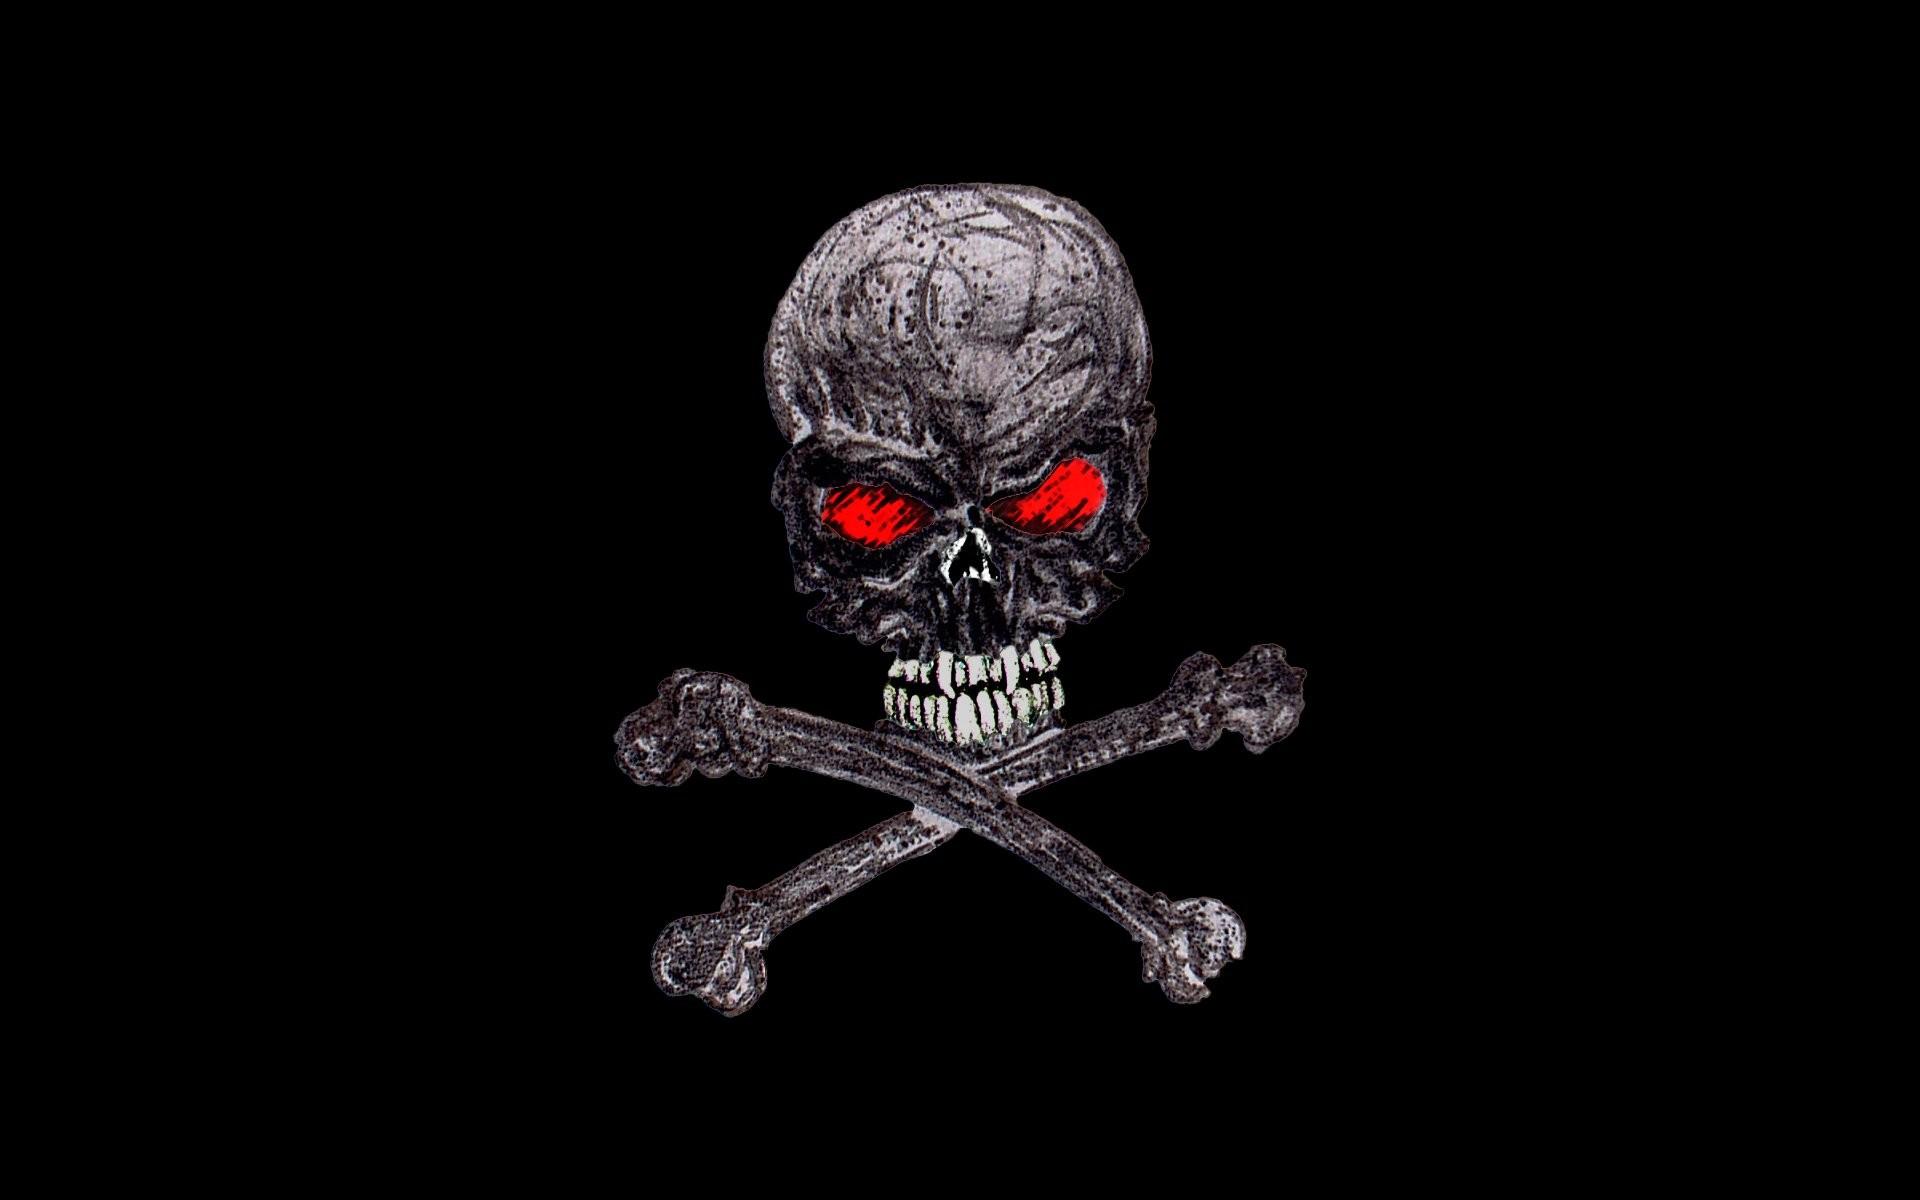 Dark Skull 798132